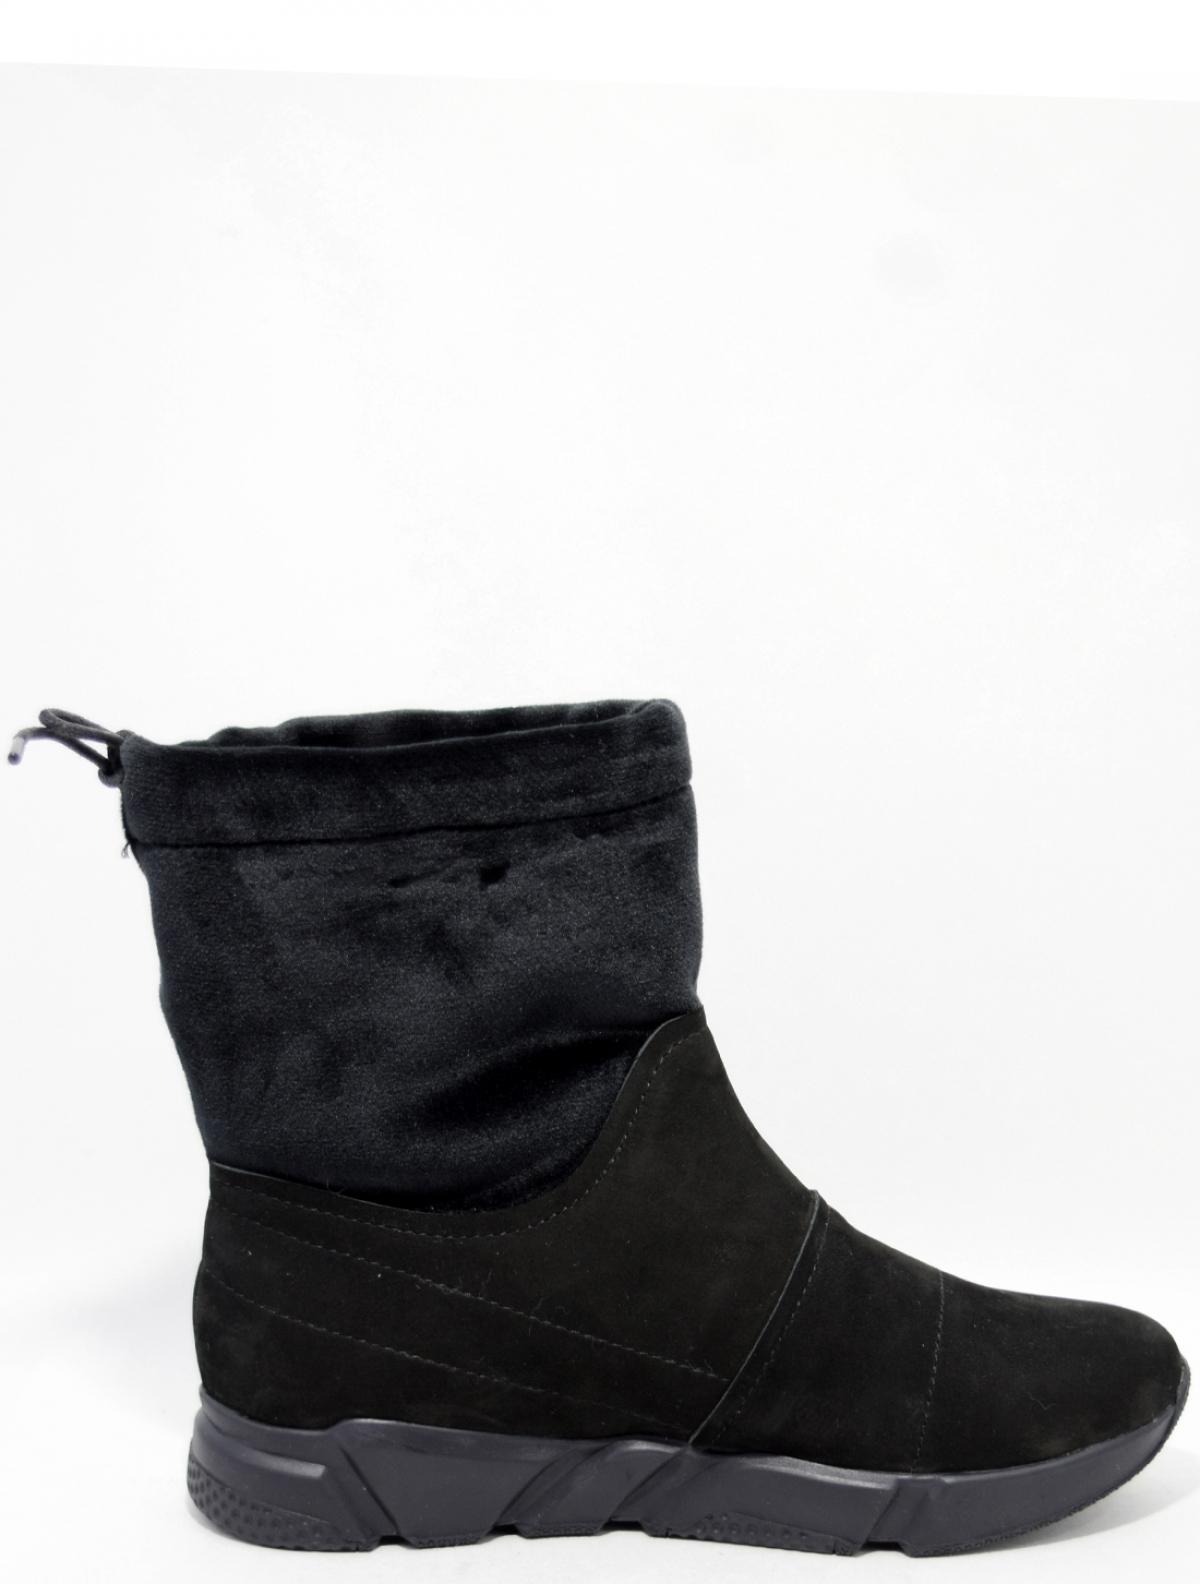 Selm 1999-54 женские п/сапоги